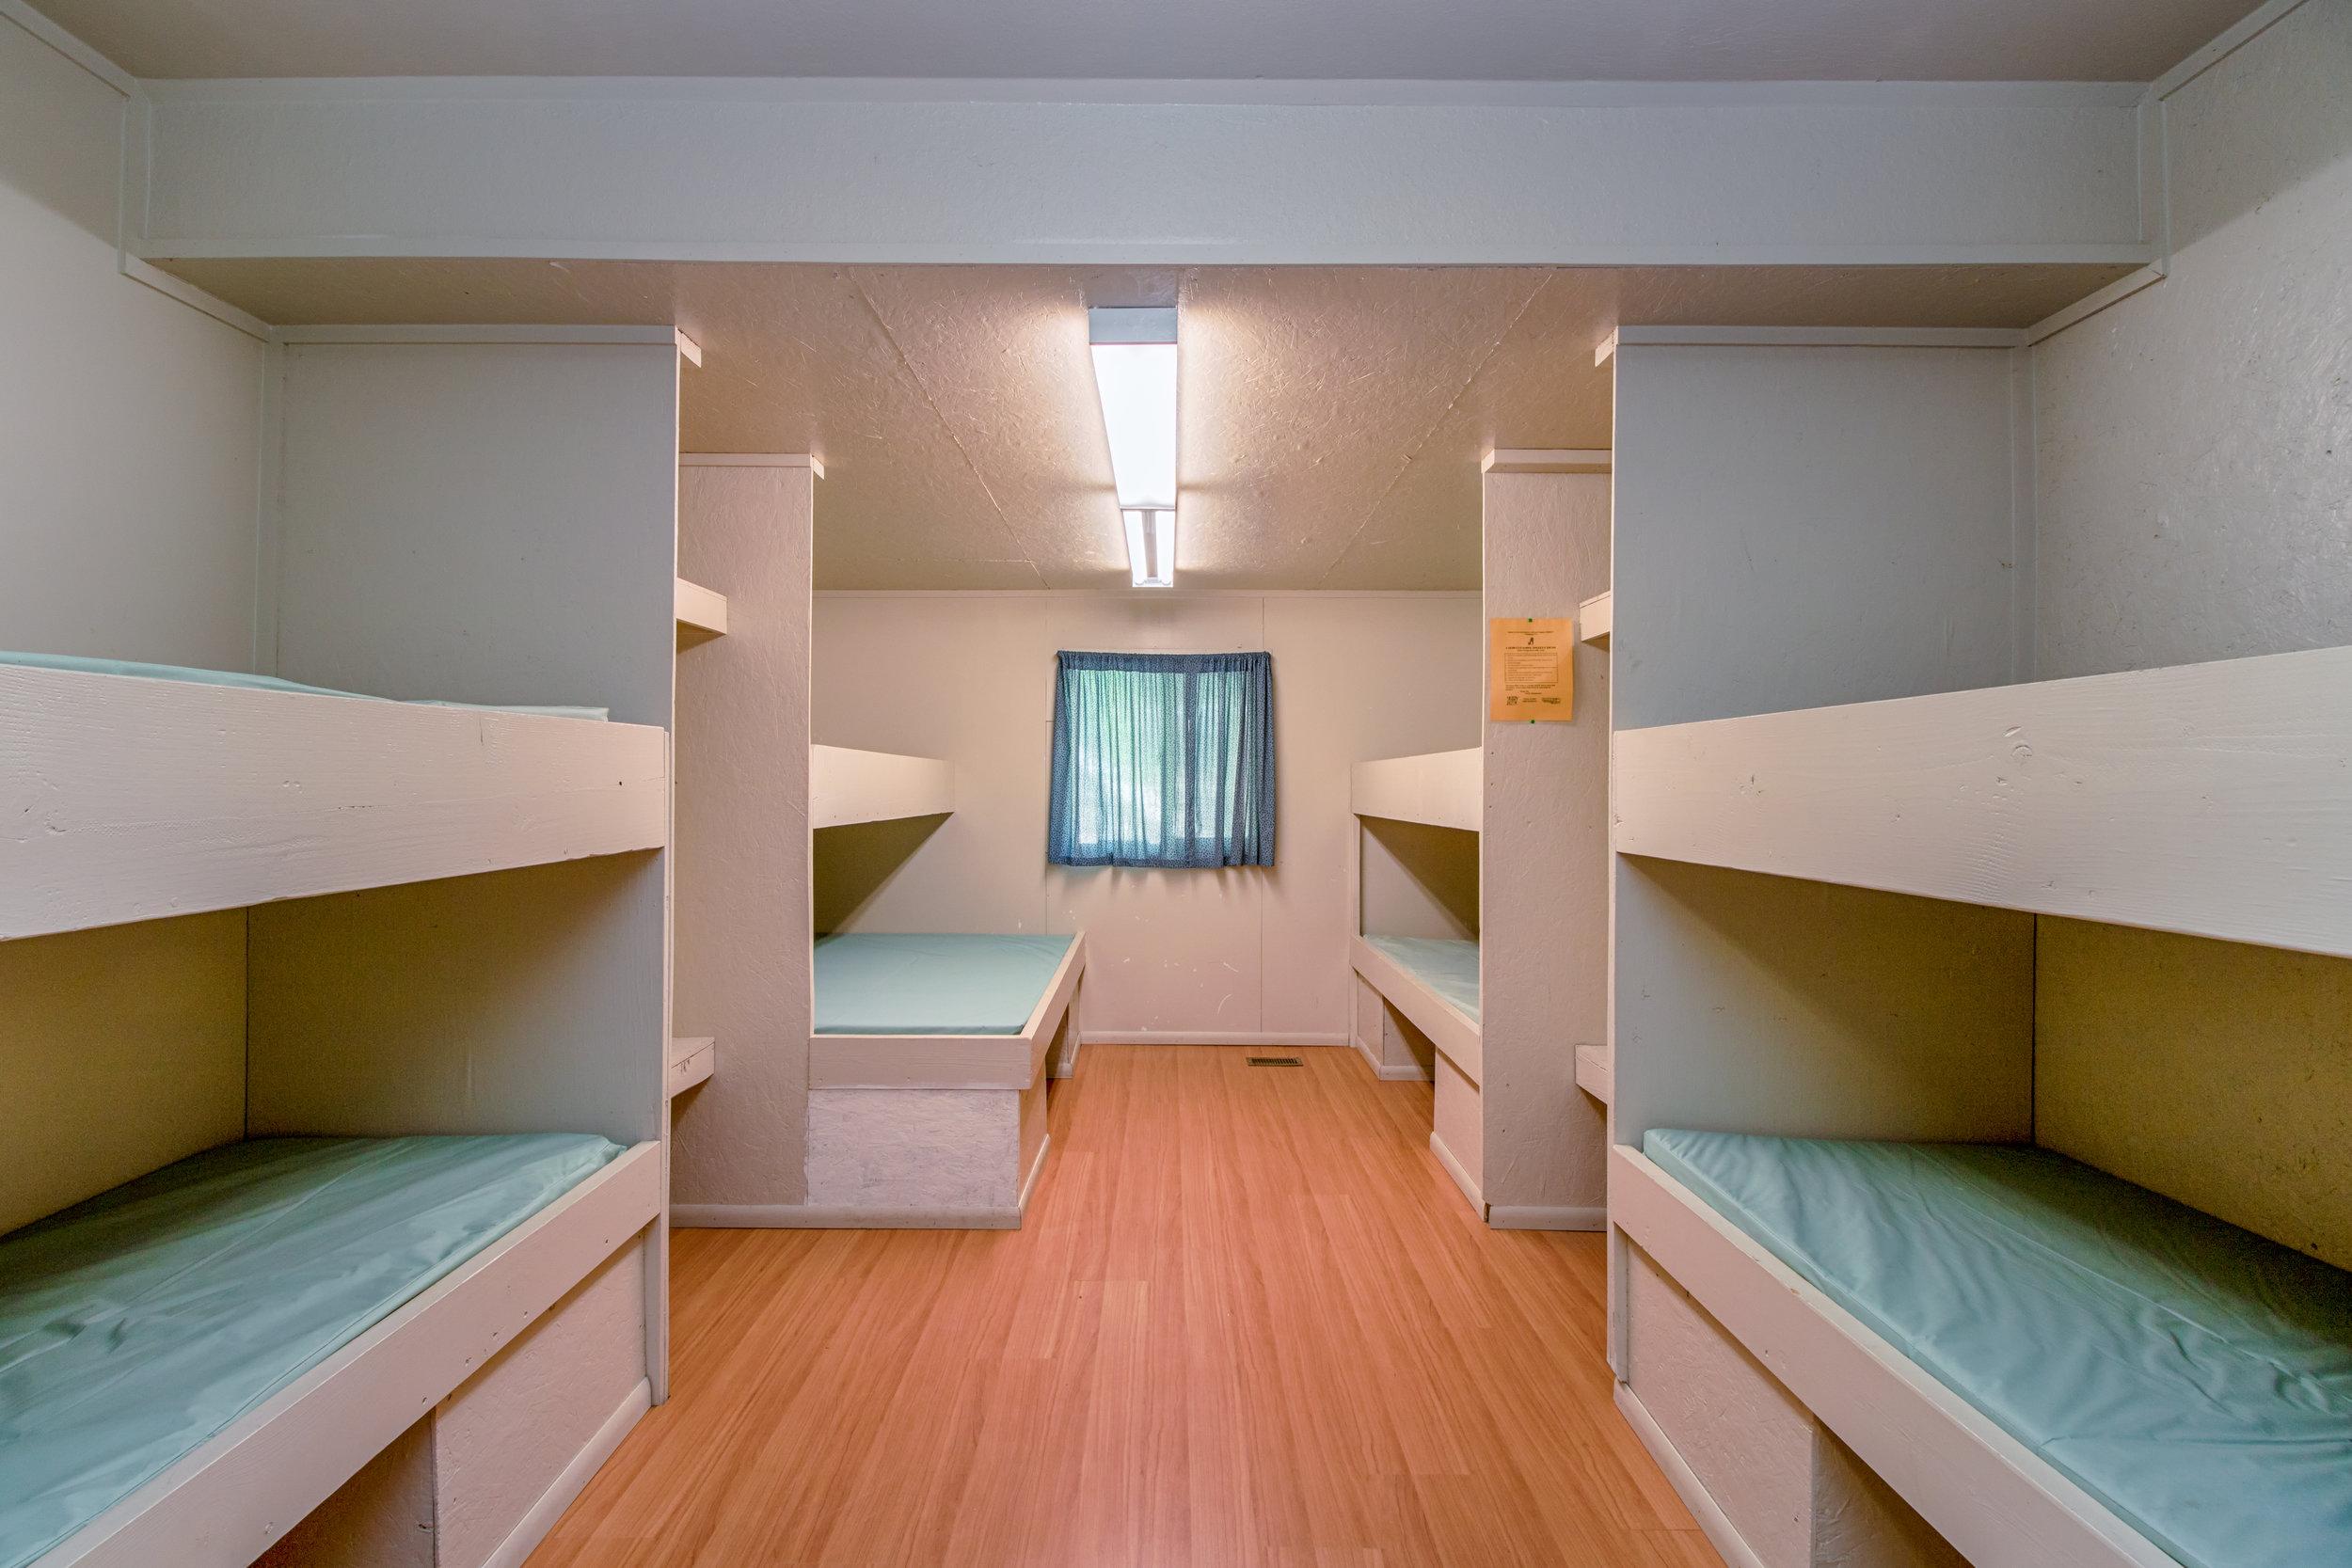 Anderson Bunk Room